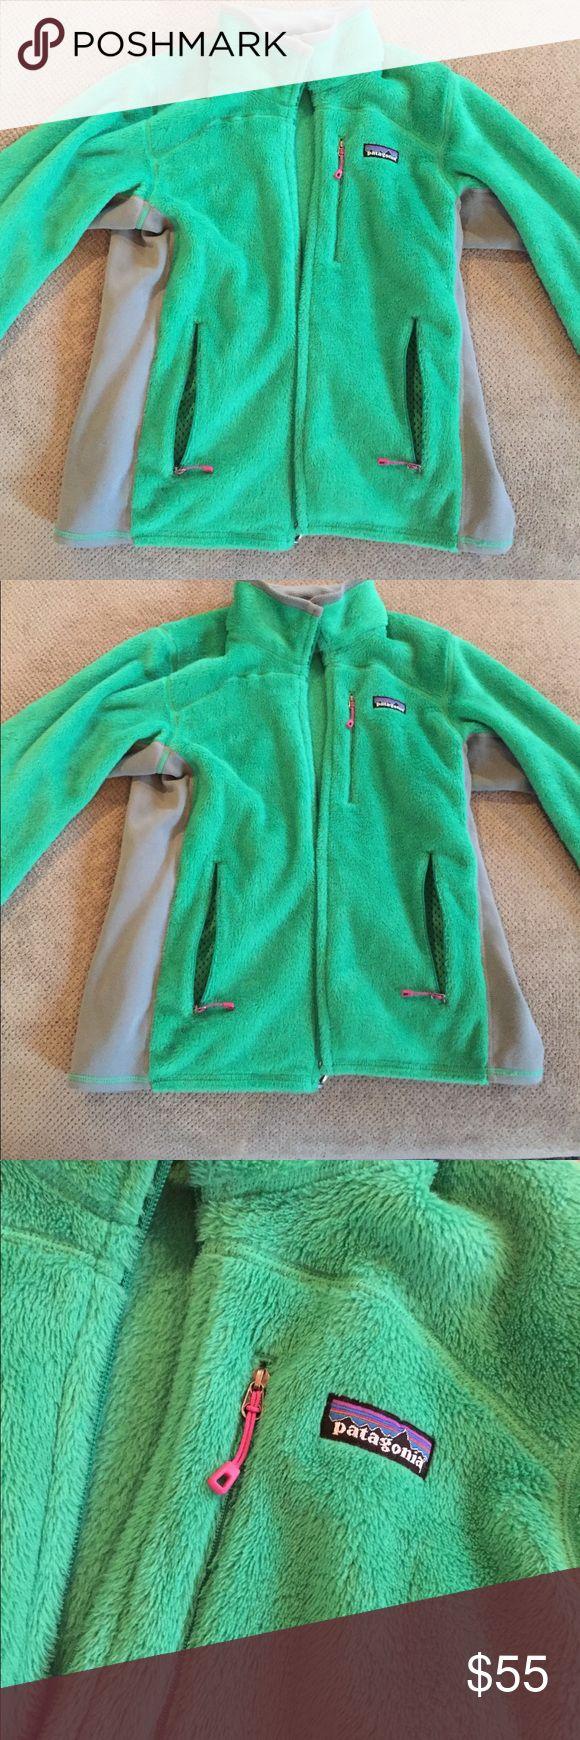 Patagonia green zip up fleece size M Patagonia green zip up fleece size M Patagonia Jackets & Coats